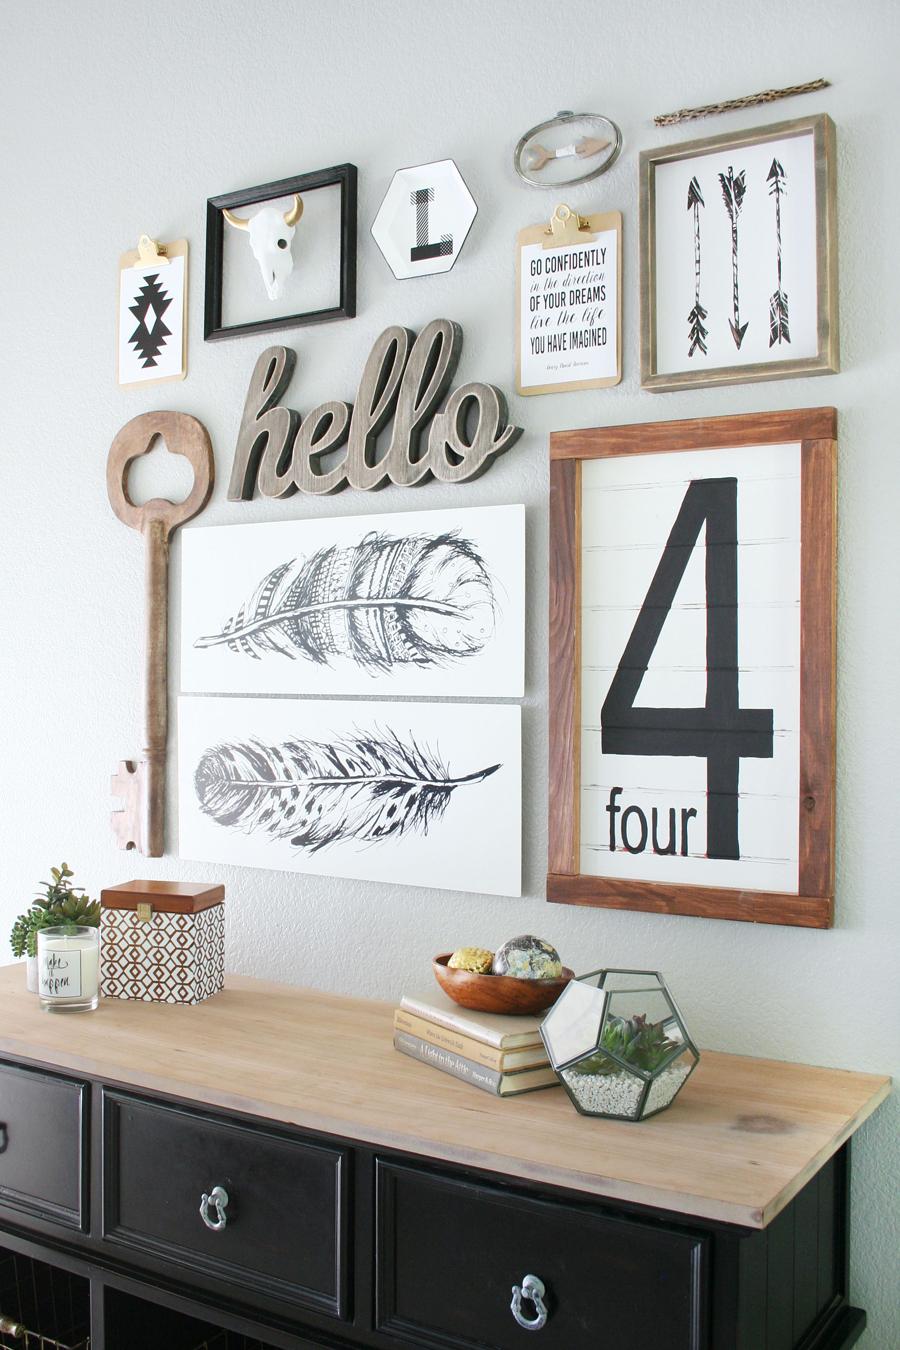 Så skapar du en foto & konst-vägg steg för steg